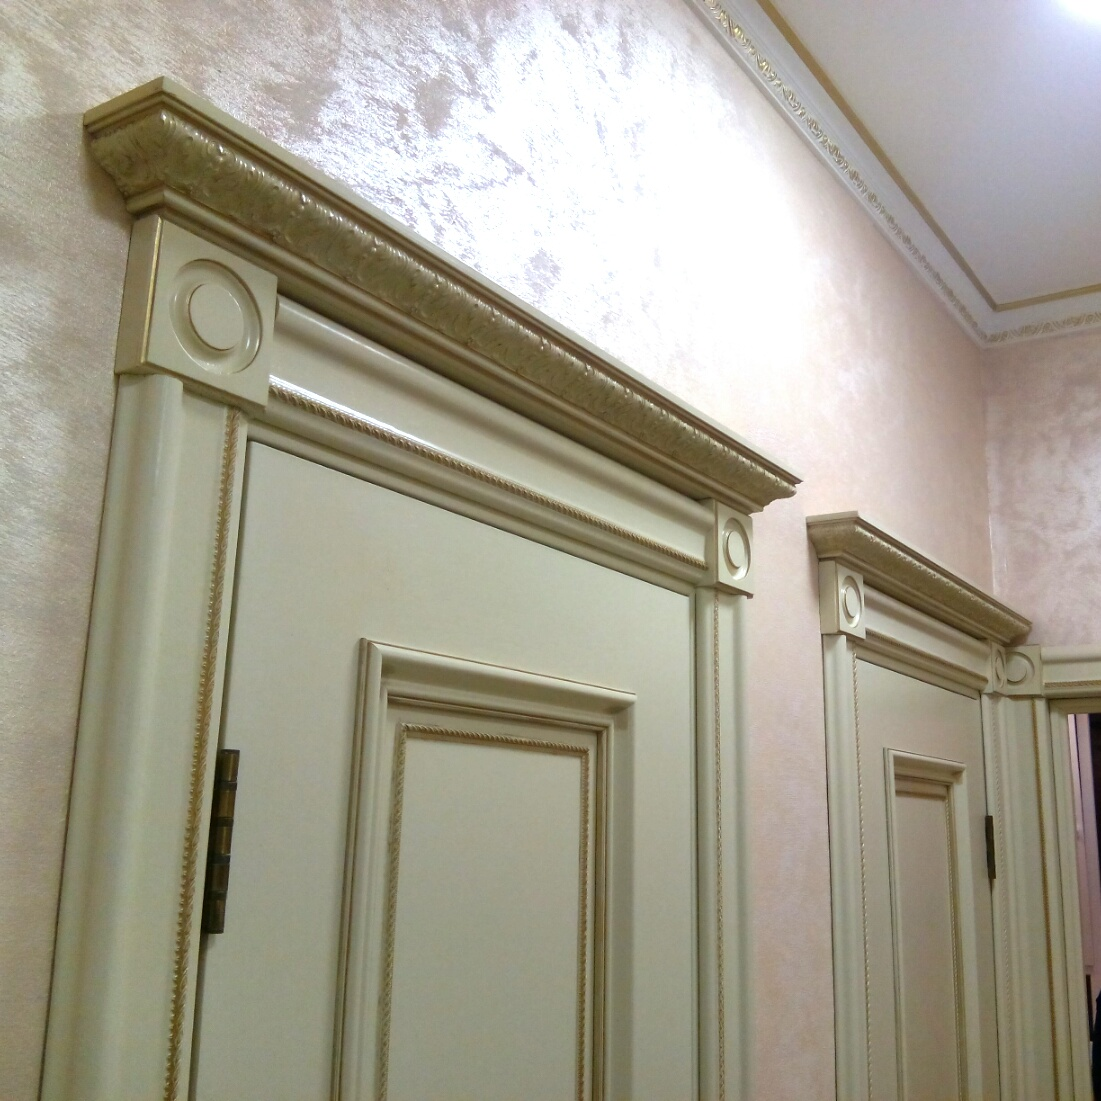 двери с капителью и карнизом